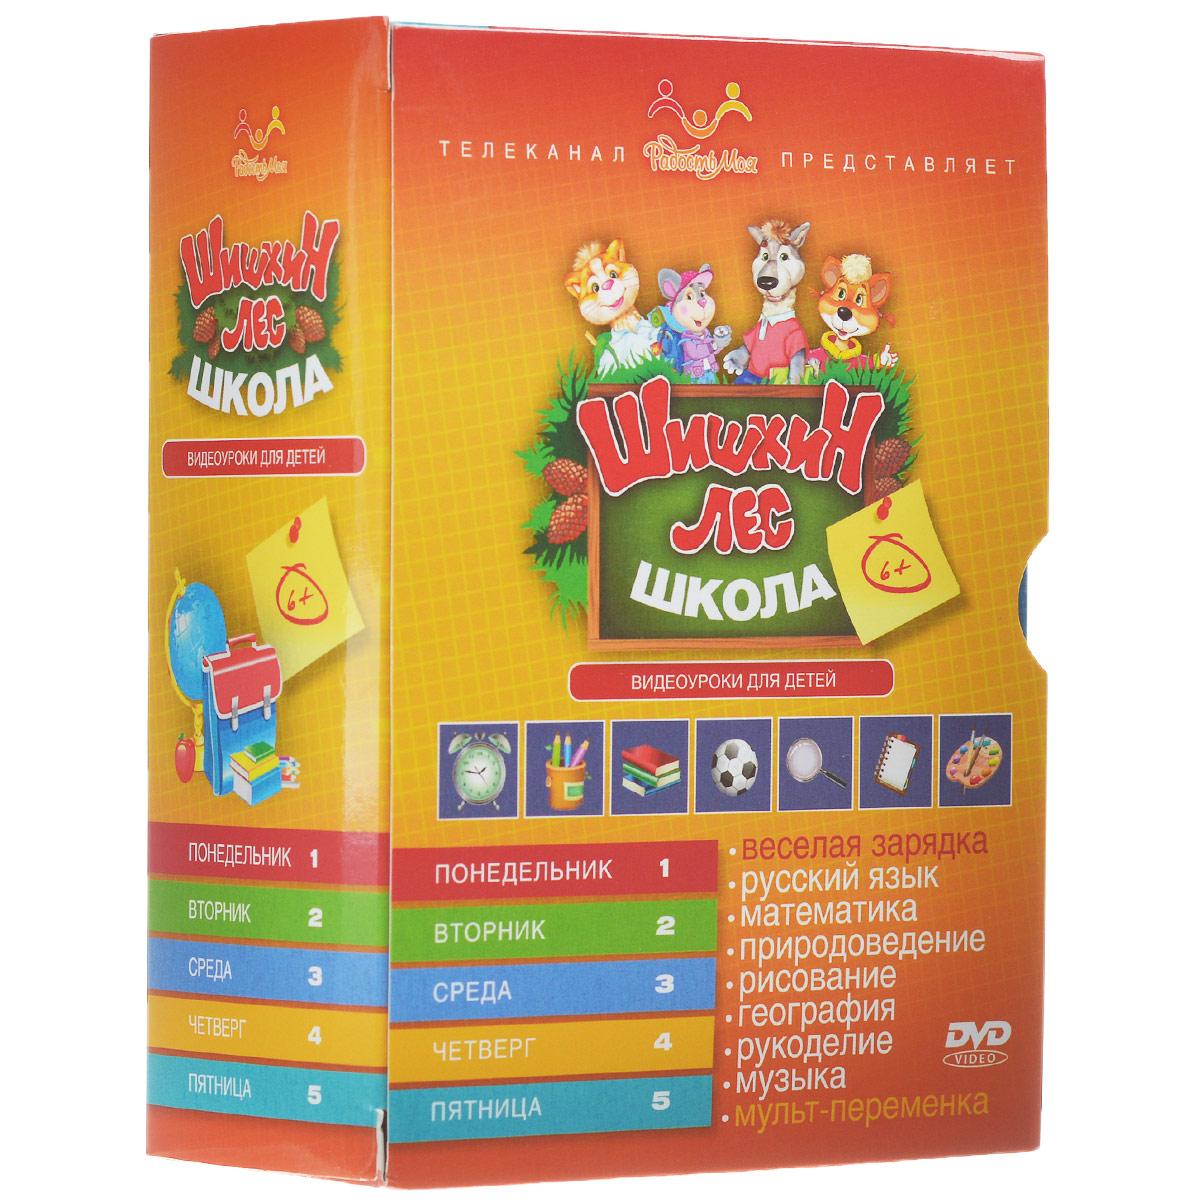 Шишкин лес: Школа (5 DVD)